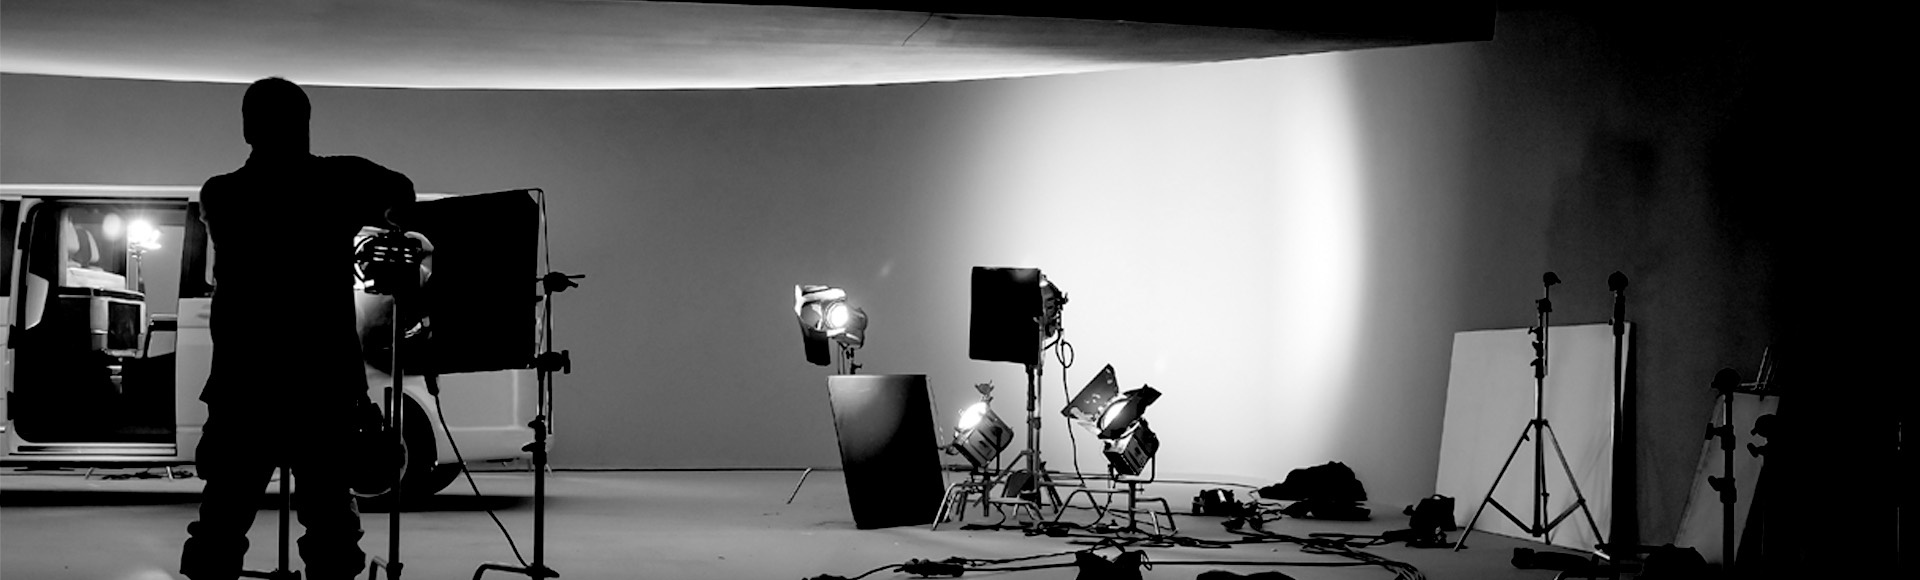 Photography by Nexa, Dubai's Leading Digital Marketing Agency